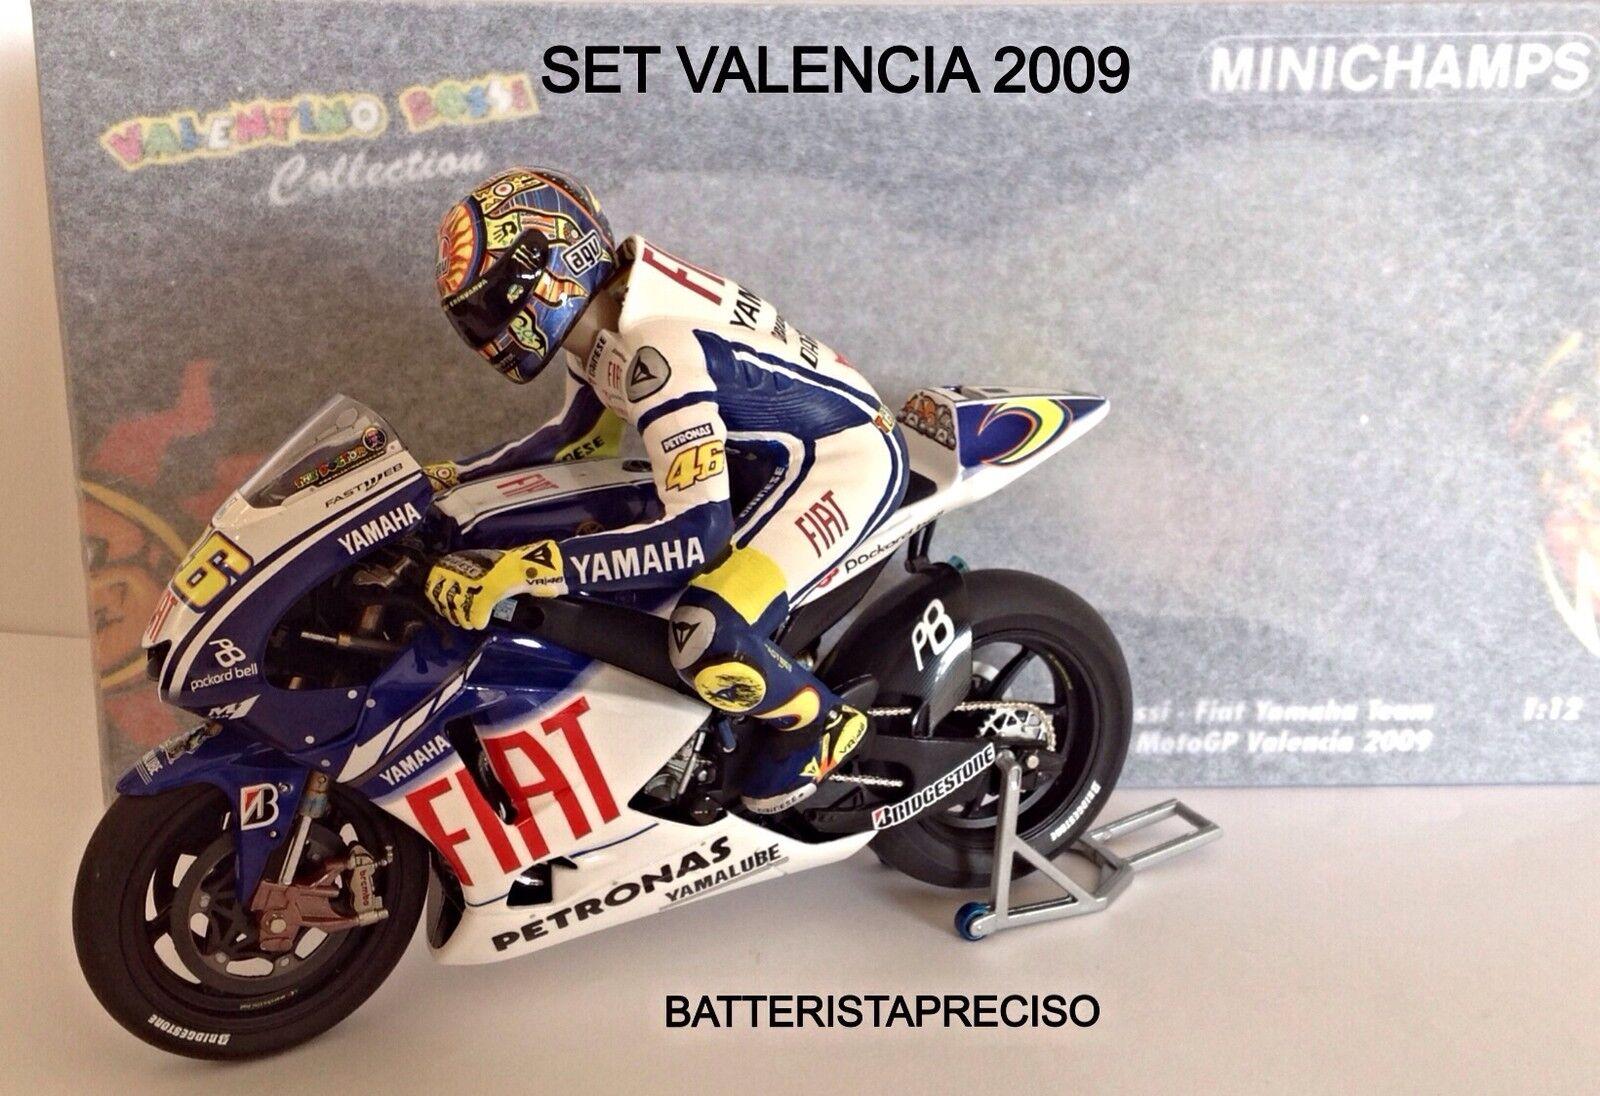 MINICHAMPS VALENTINO ROSSI 1 12 12 12 SET GP VALENCIA 2009 WORLD CHAMPION 122093076 2cdf9c